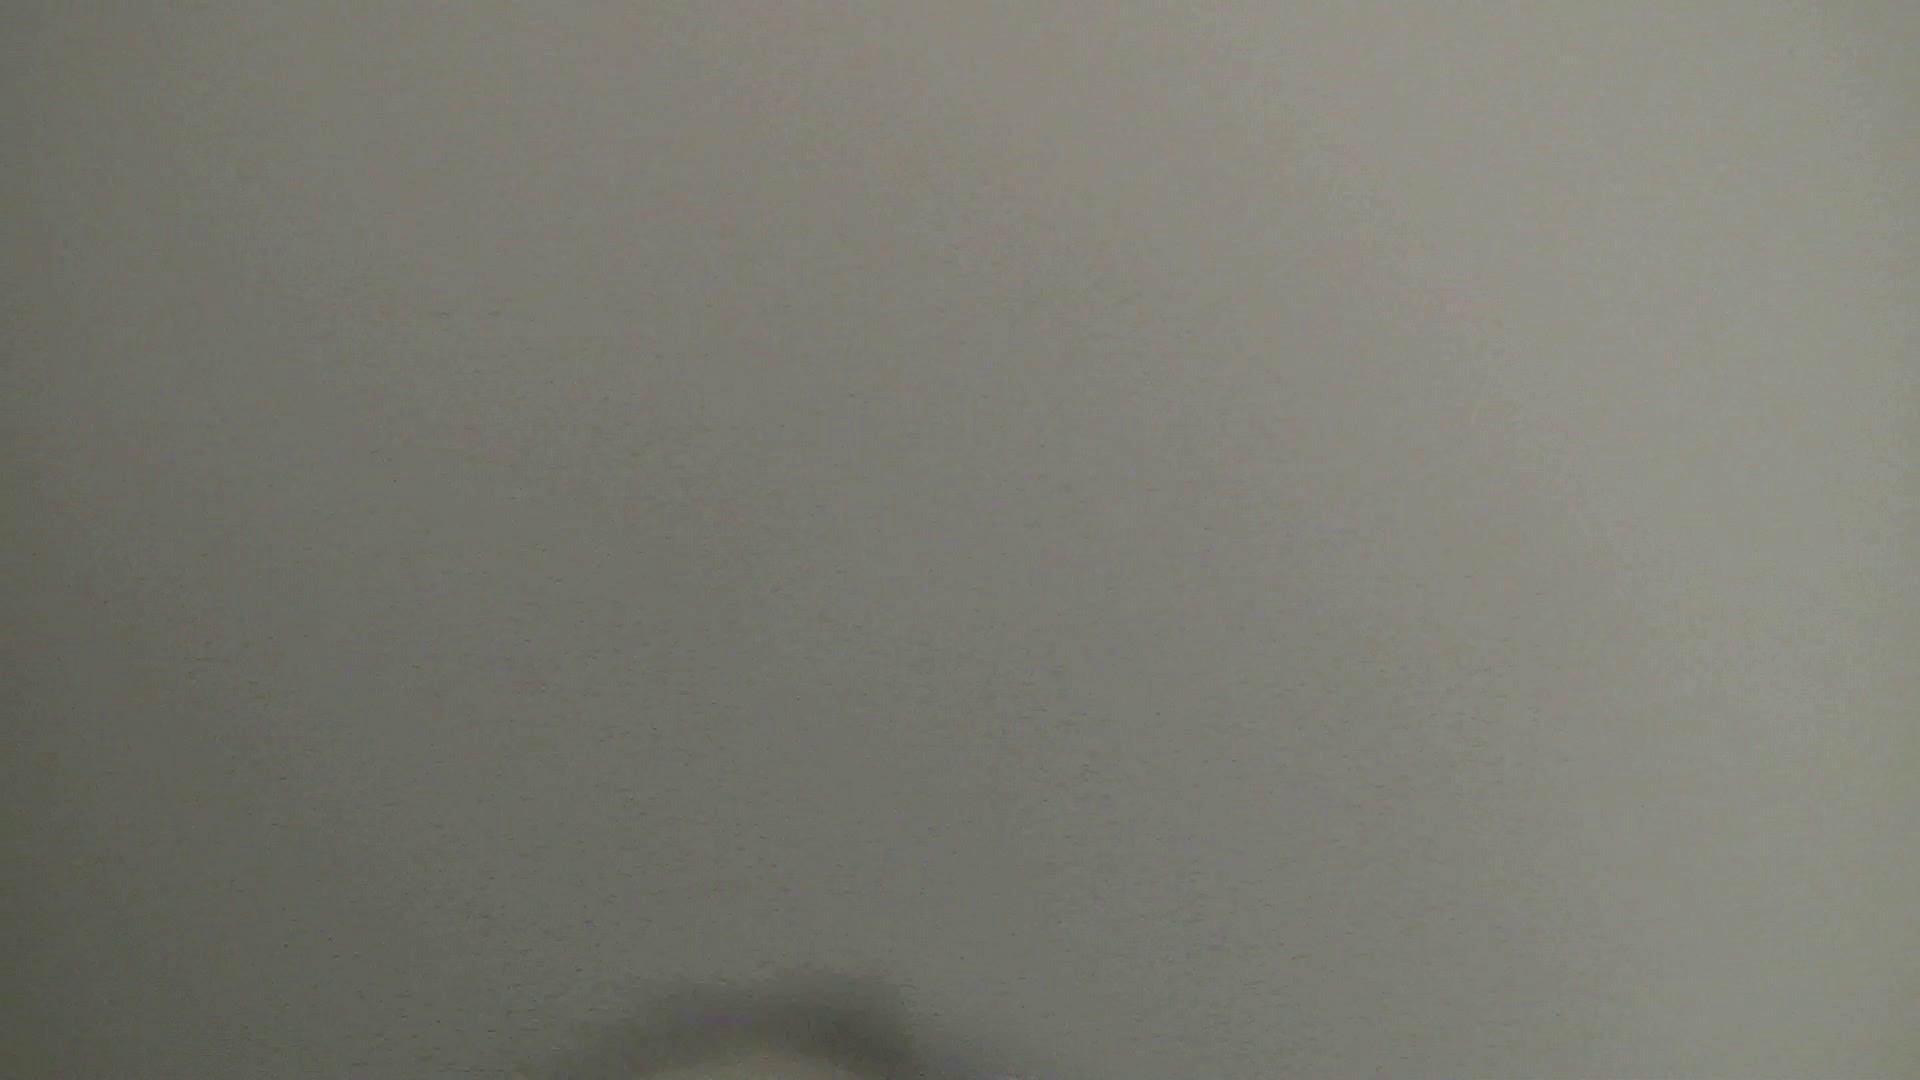 お市さんの「お尻丸出しジャンボリー」No.02 盗撮師作品 SEX無修正画像 74pic 58